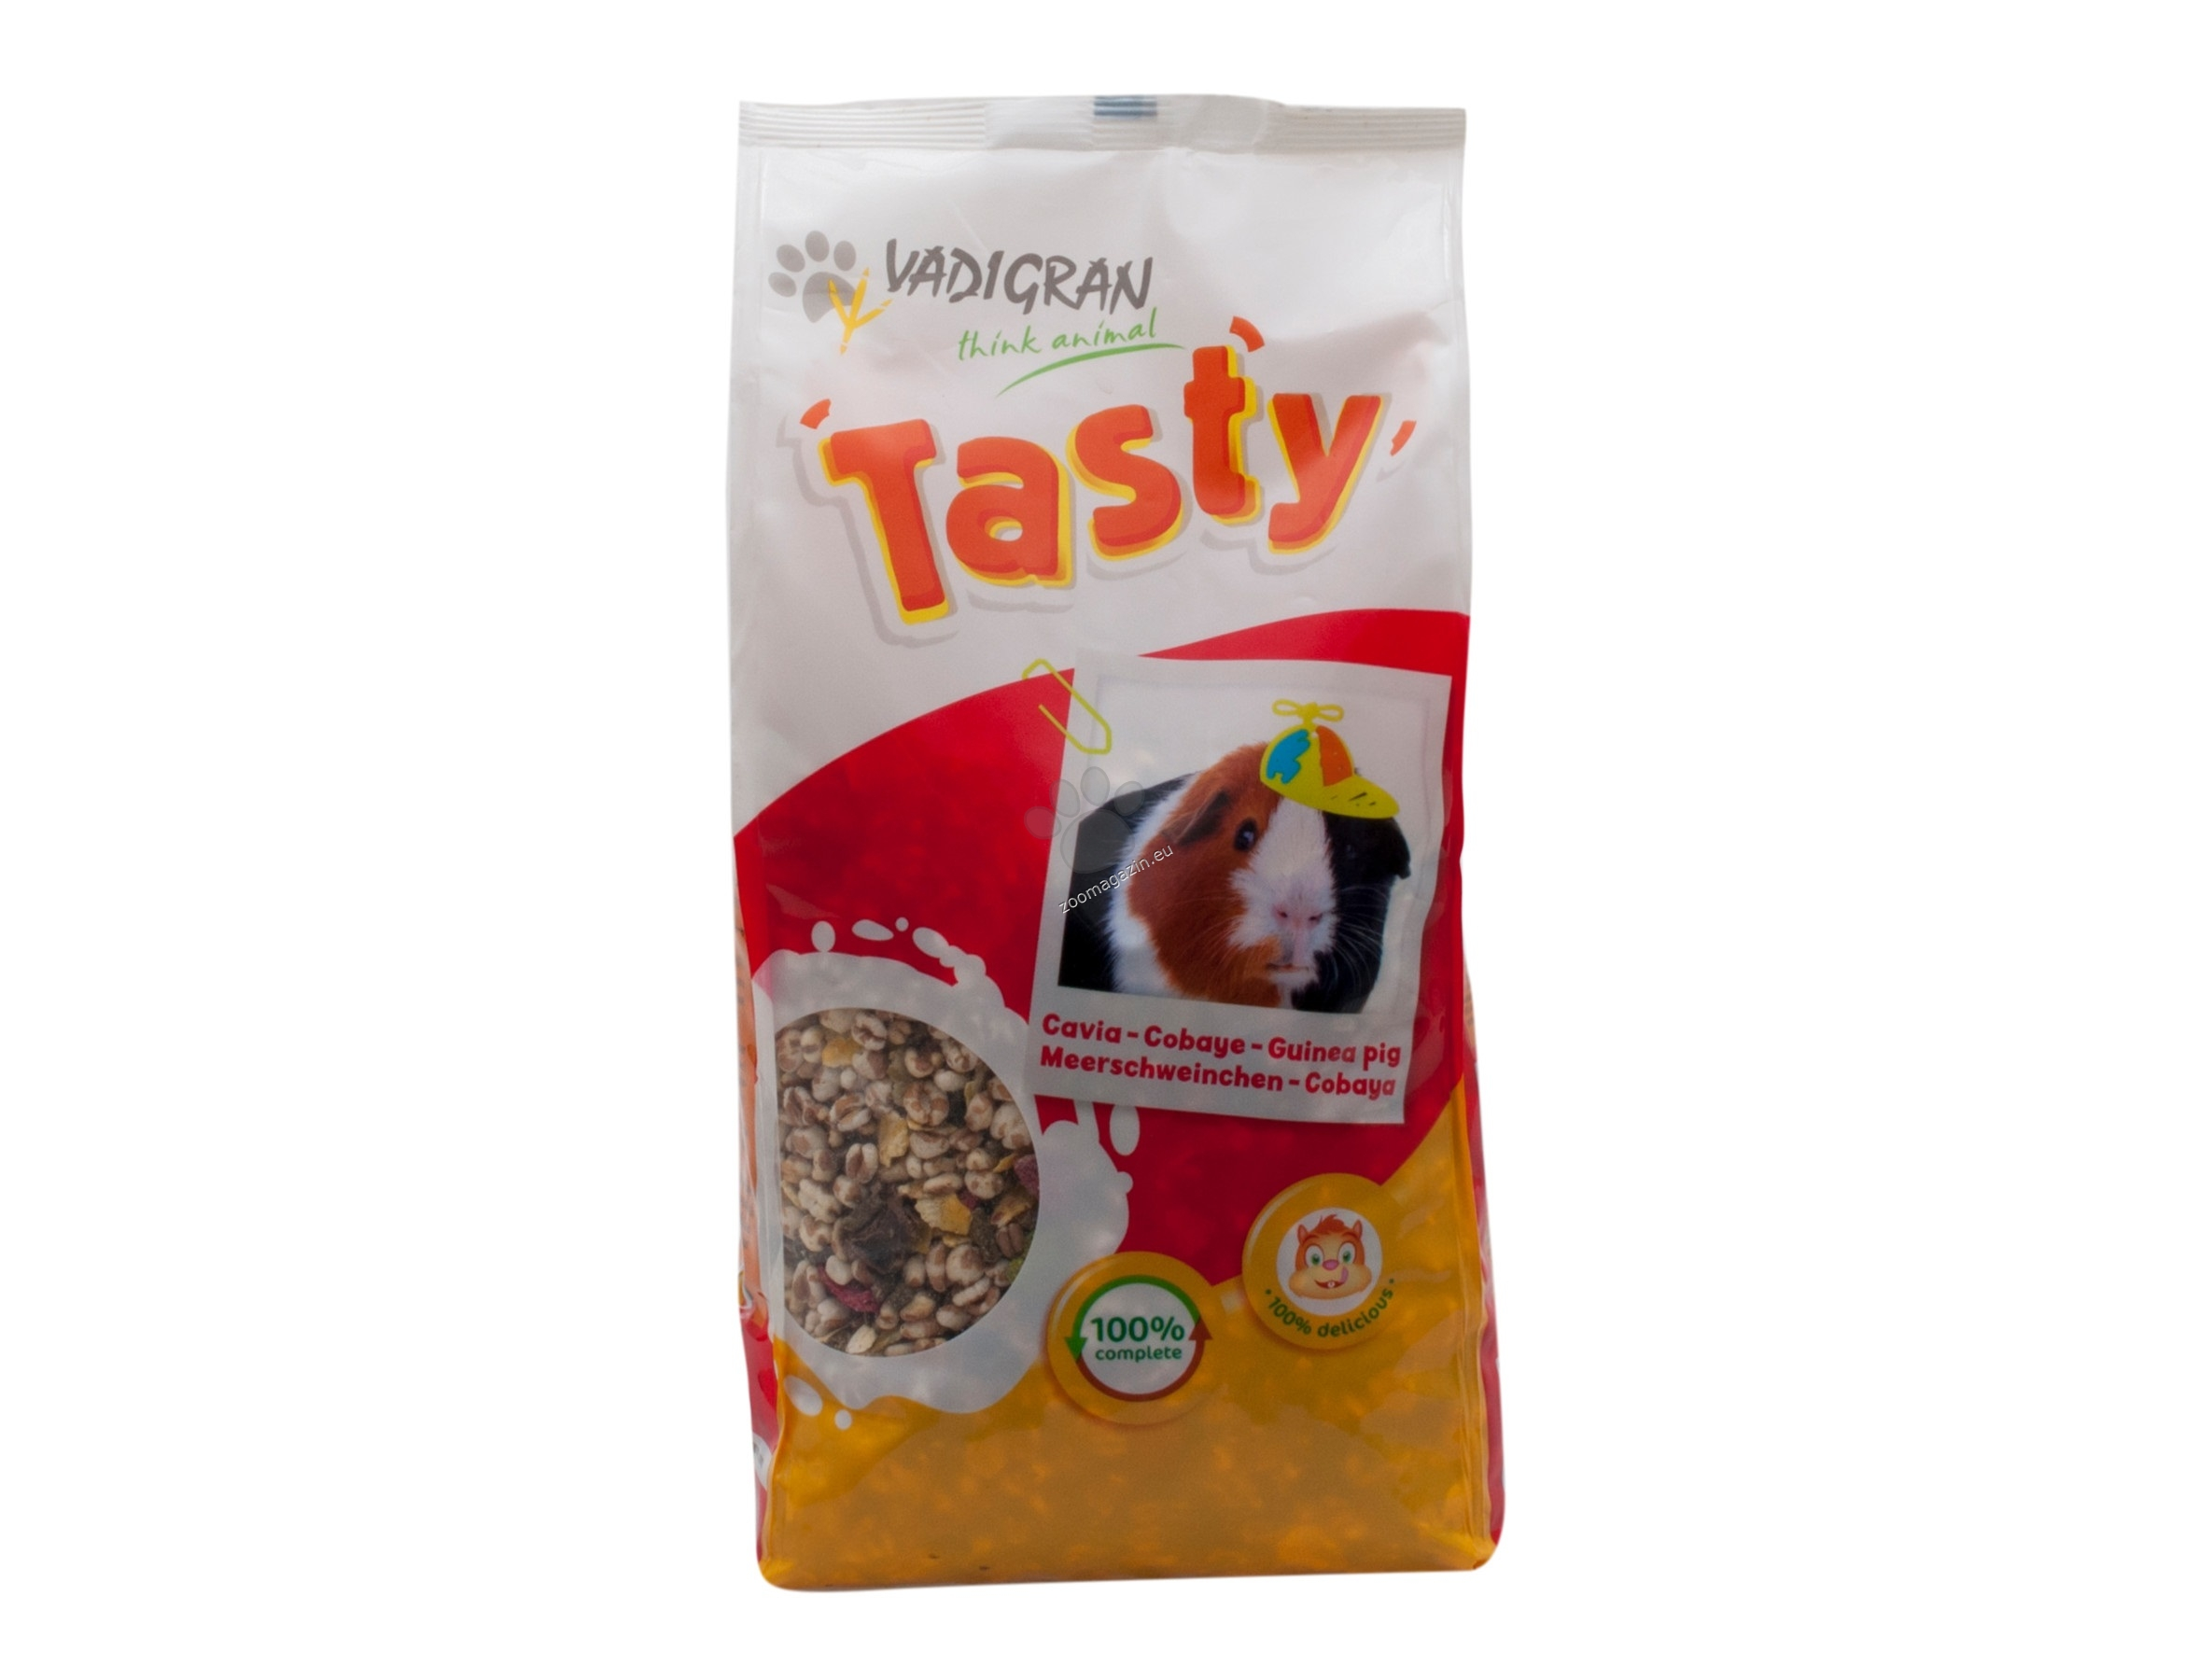 Vadigran - Tasty Guinea Pig - храна за морски свинчета 2 кг.